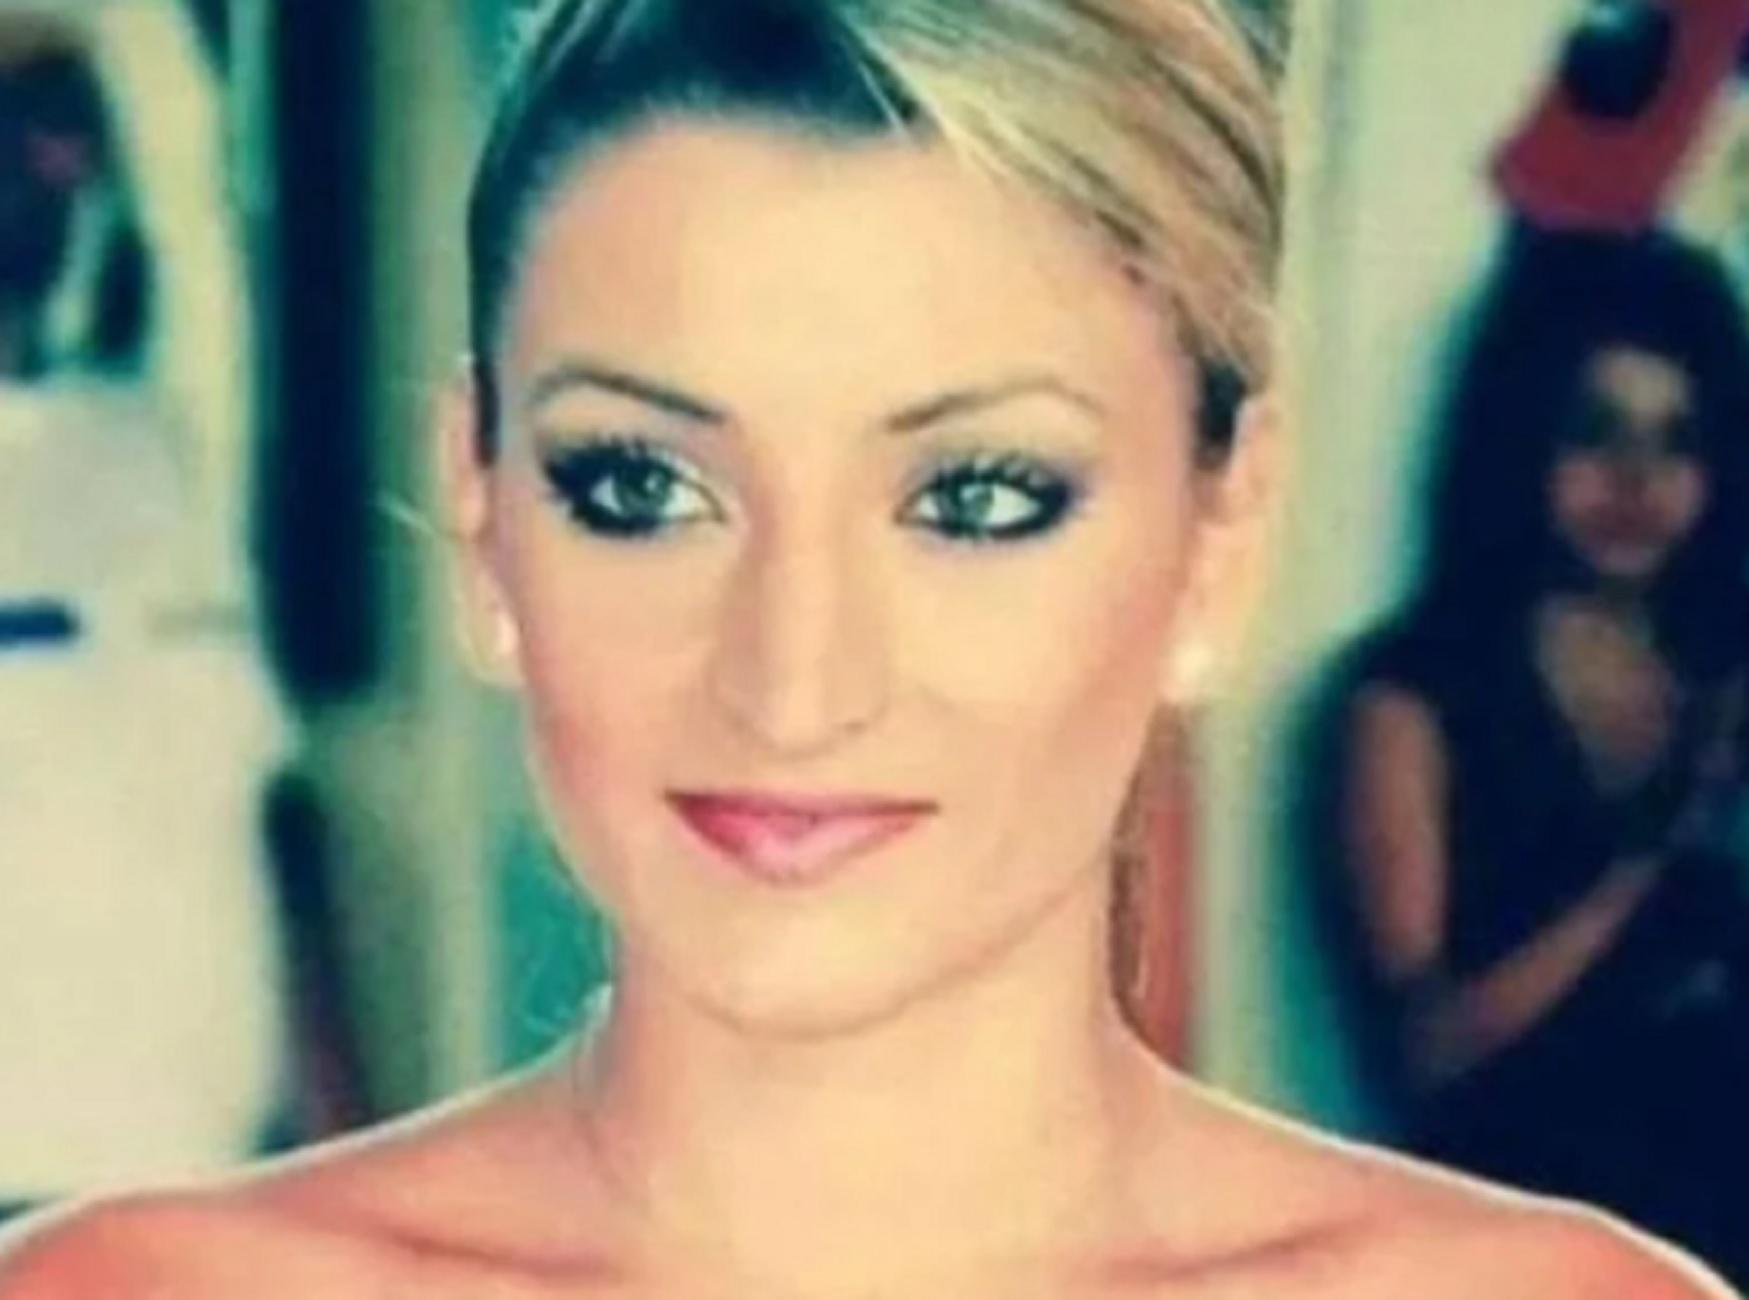 Ηλεία: Ψυχρολουσία στη δίκη για τους γονείς της Άννας Πολλάτου που σκοτώθηκε σε τροχαίο δυστύχημα